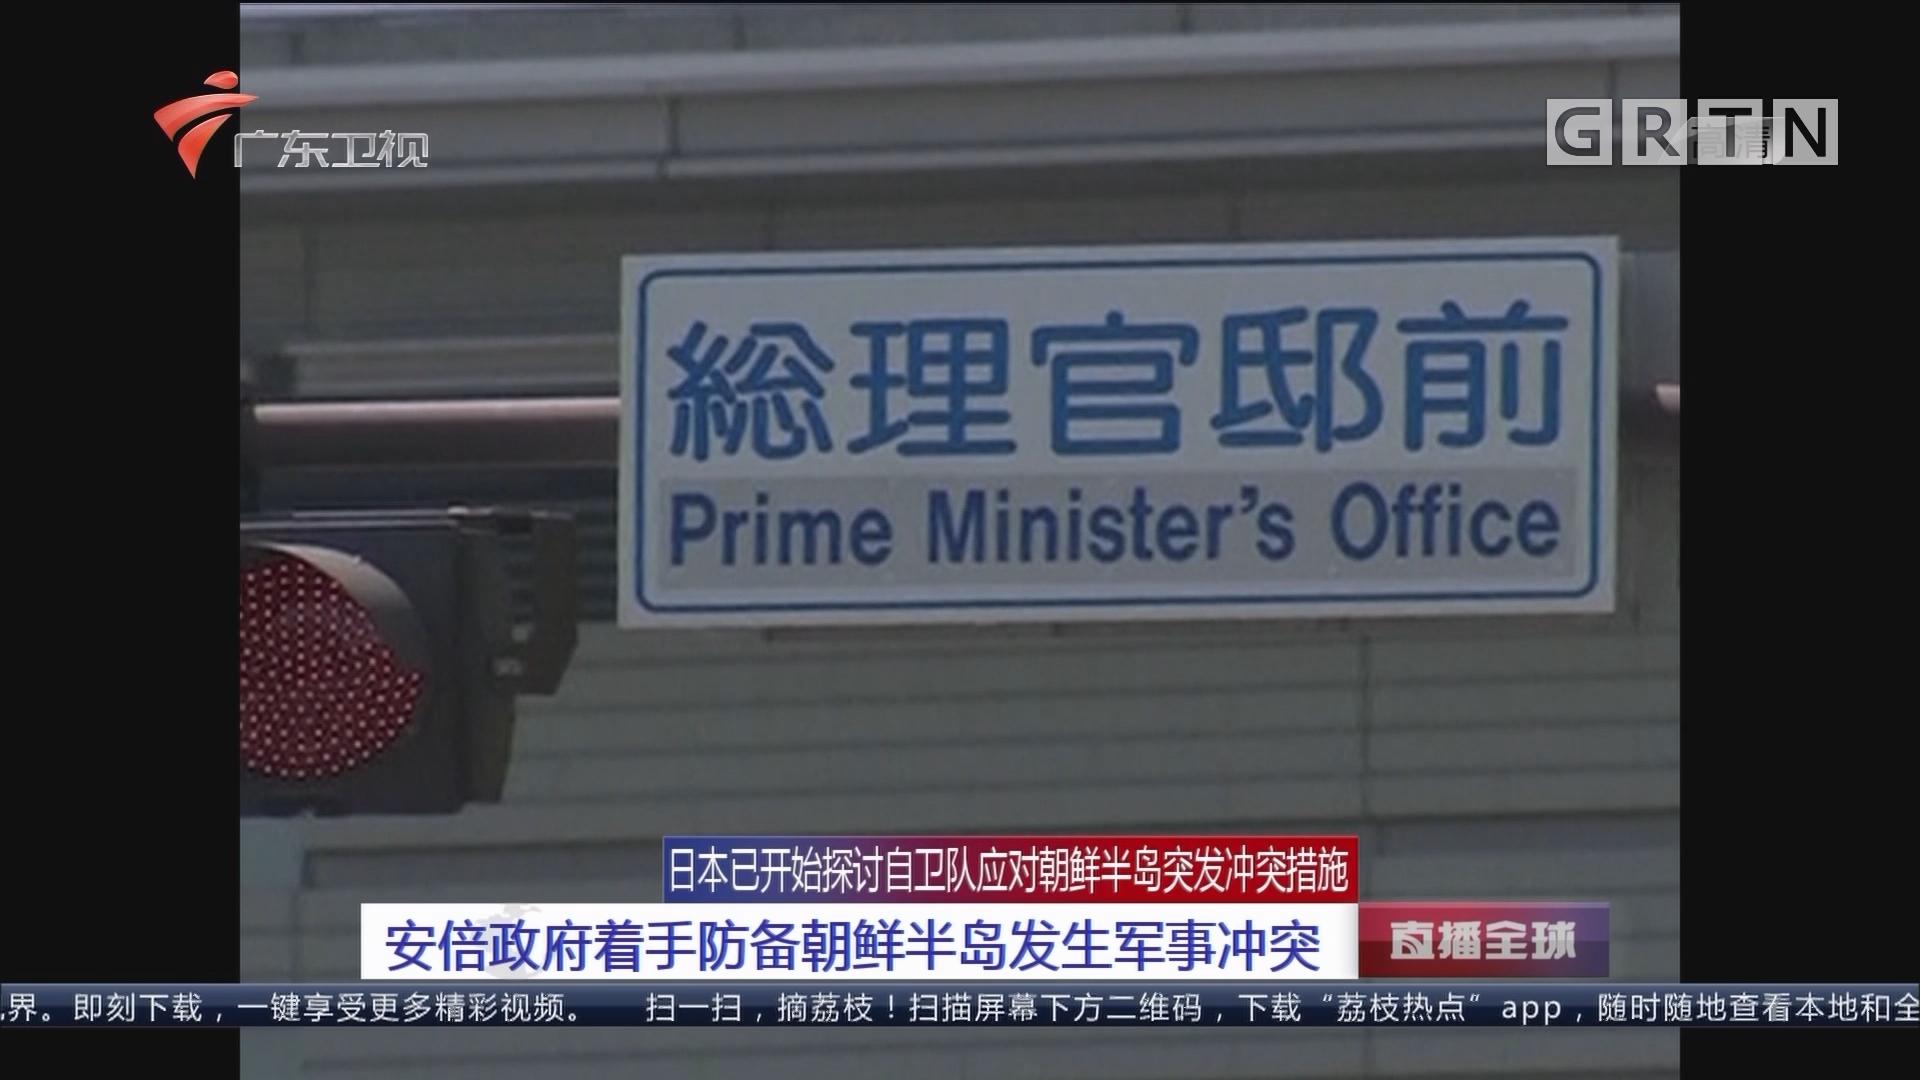 日本已开始探讨自卫队应对朝鲜半岛突发冲突措施:安倍政府着手防备朝鲜半岛发生军事冲突